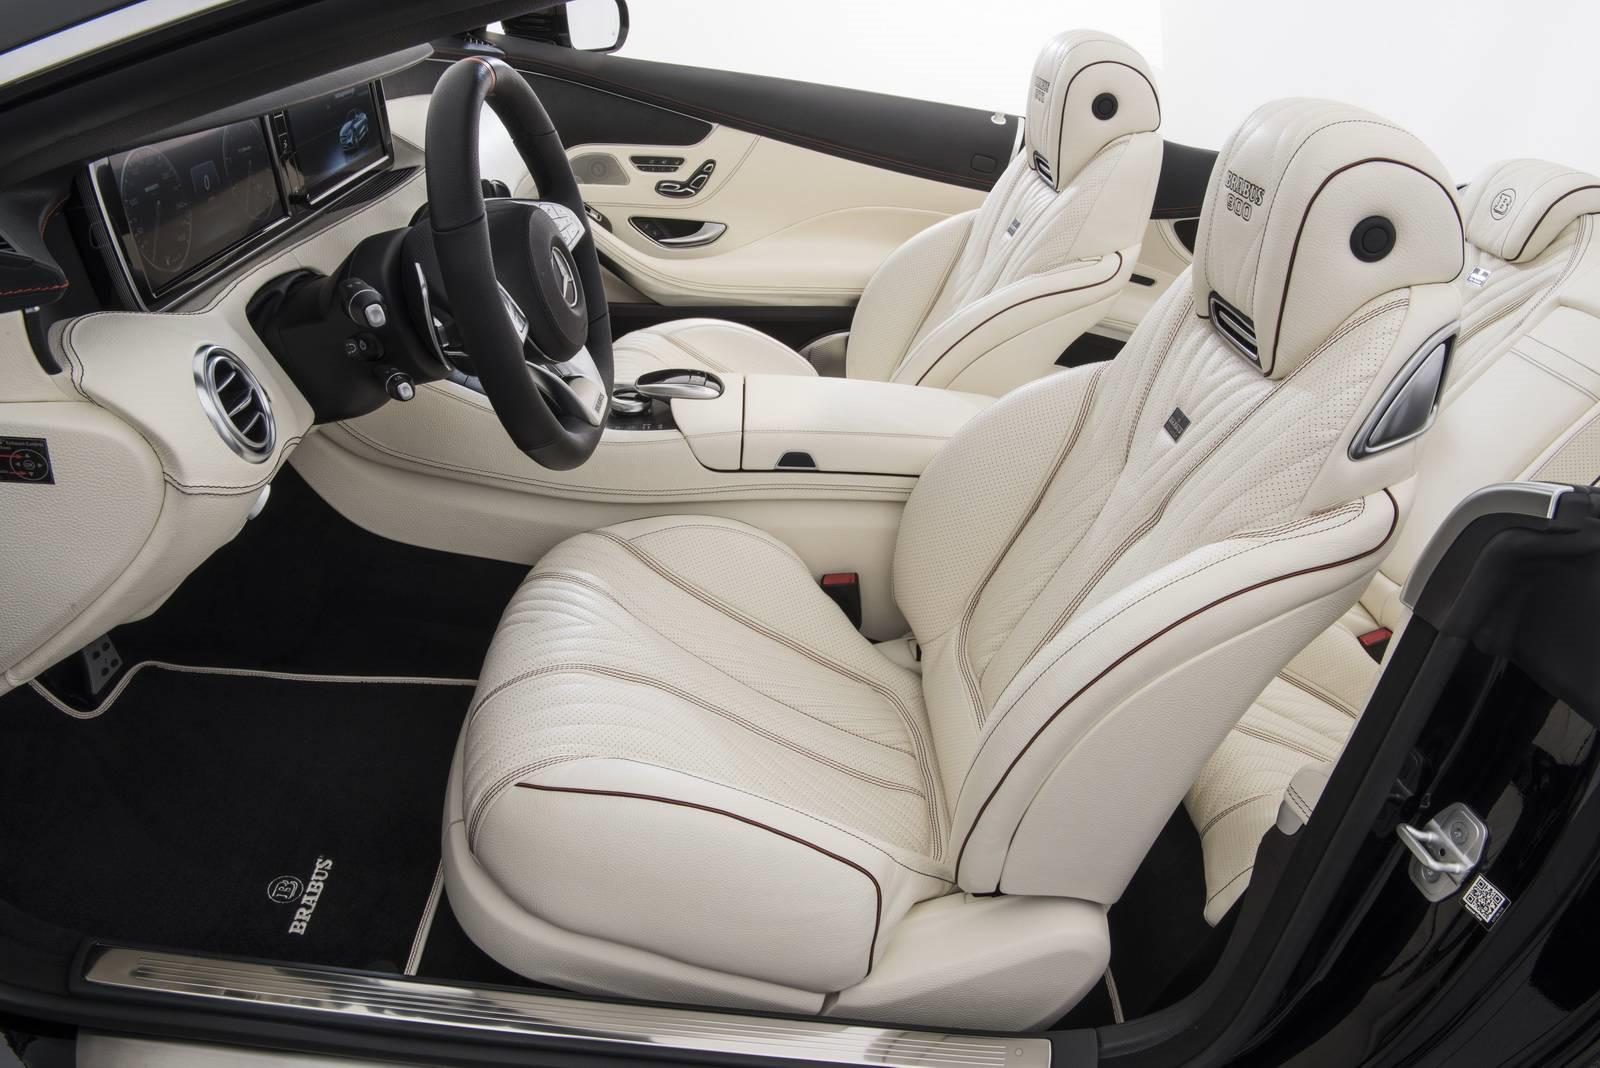 le-cabriolet-4-places-le-plus-puissant-et-le-plus-rapide-au-monde-brabus-rocket-900-cabriolet-411-10.jpg